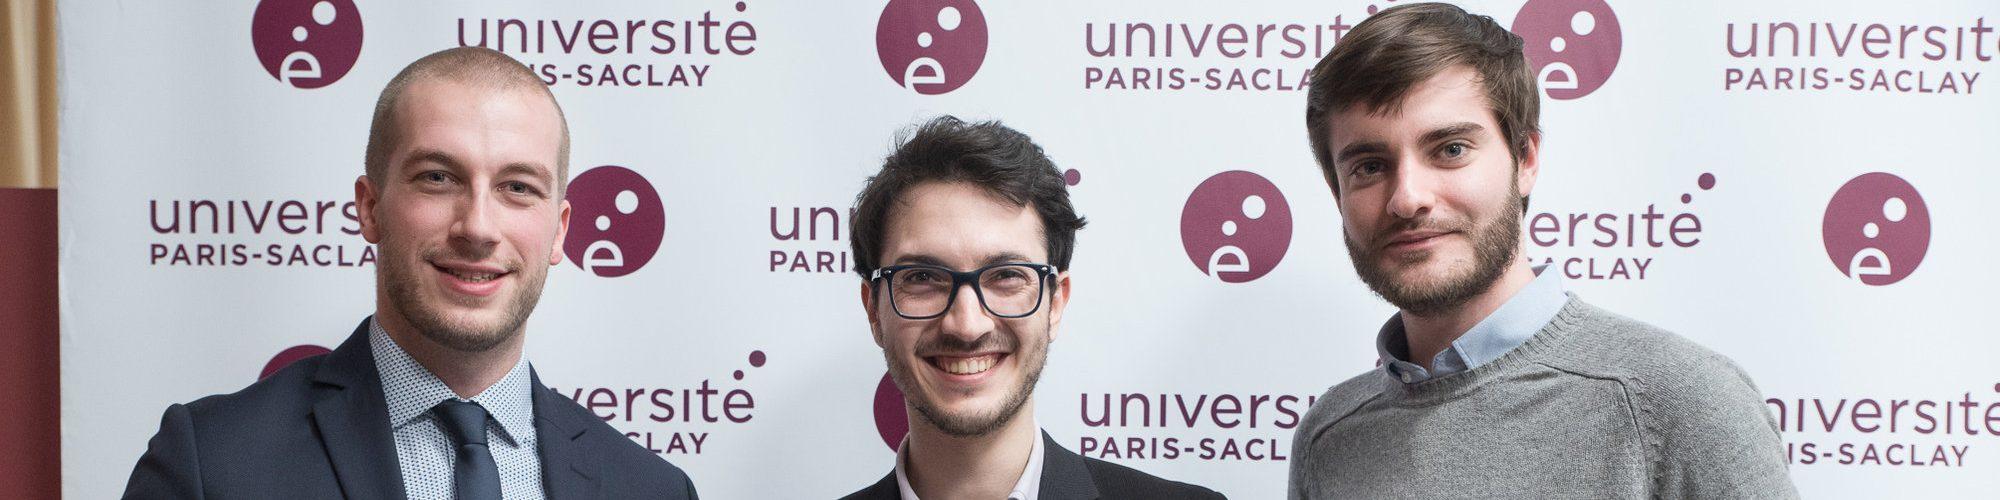 Trois étudiants diplomés d'un Master de l'Université Paris-Saclay